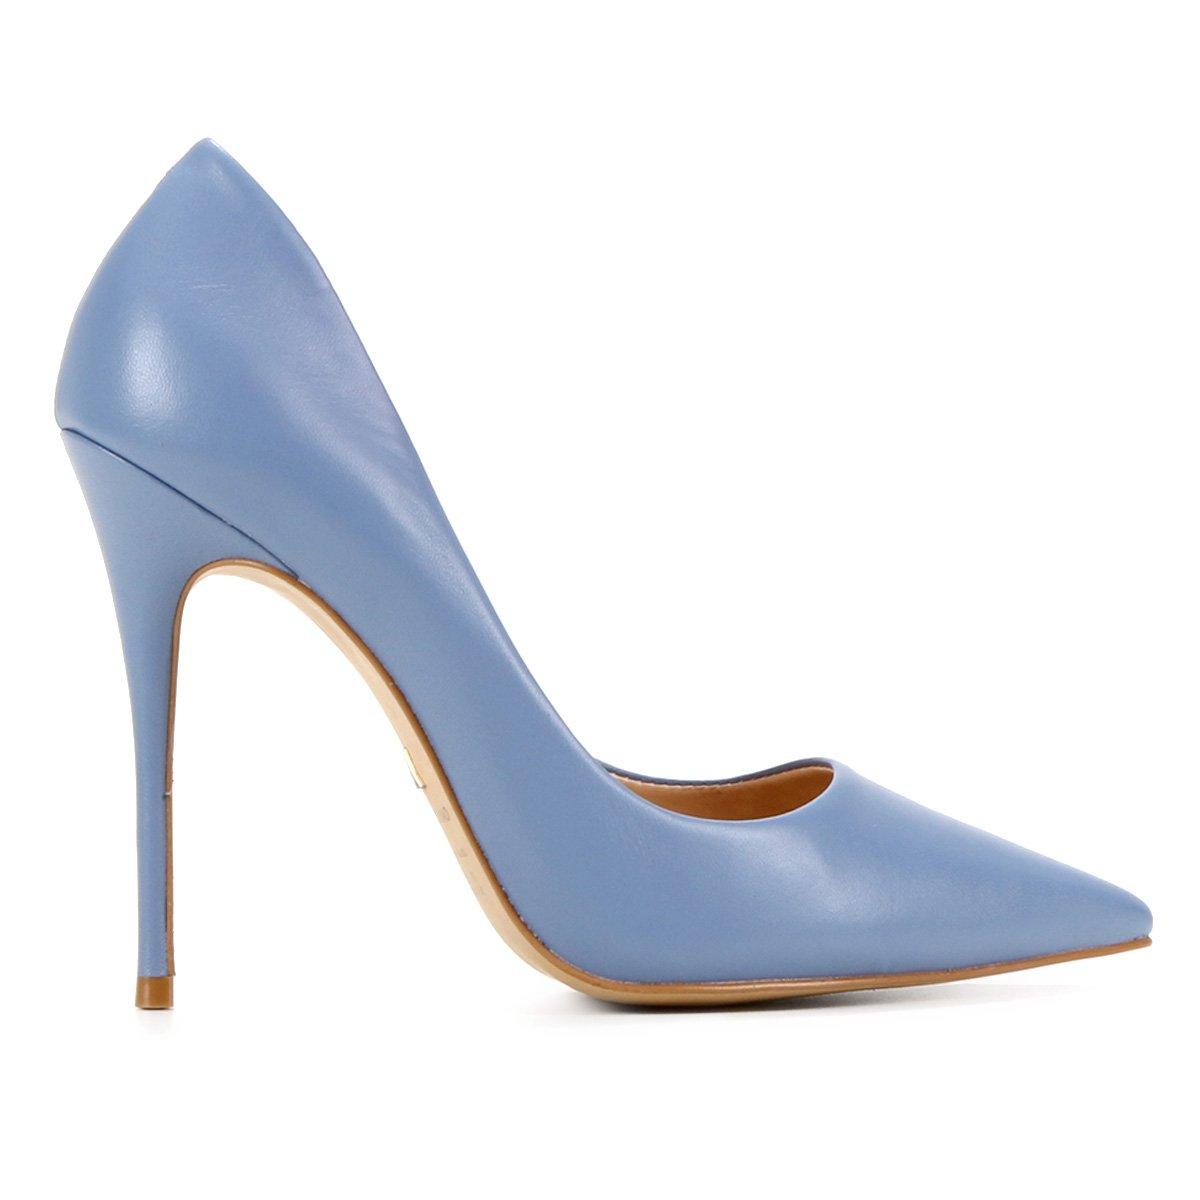 Scarpin Couro Carrano Salto Alto Bico Fino - Azul